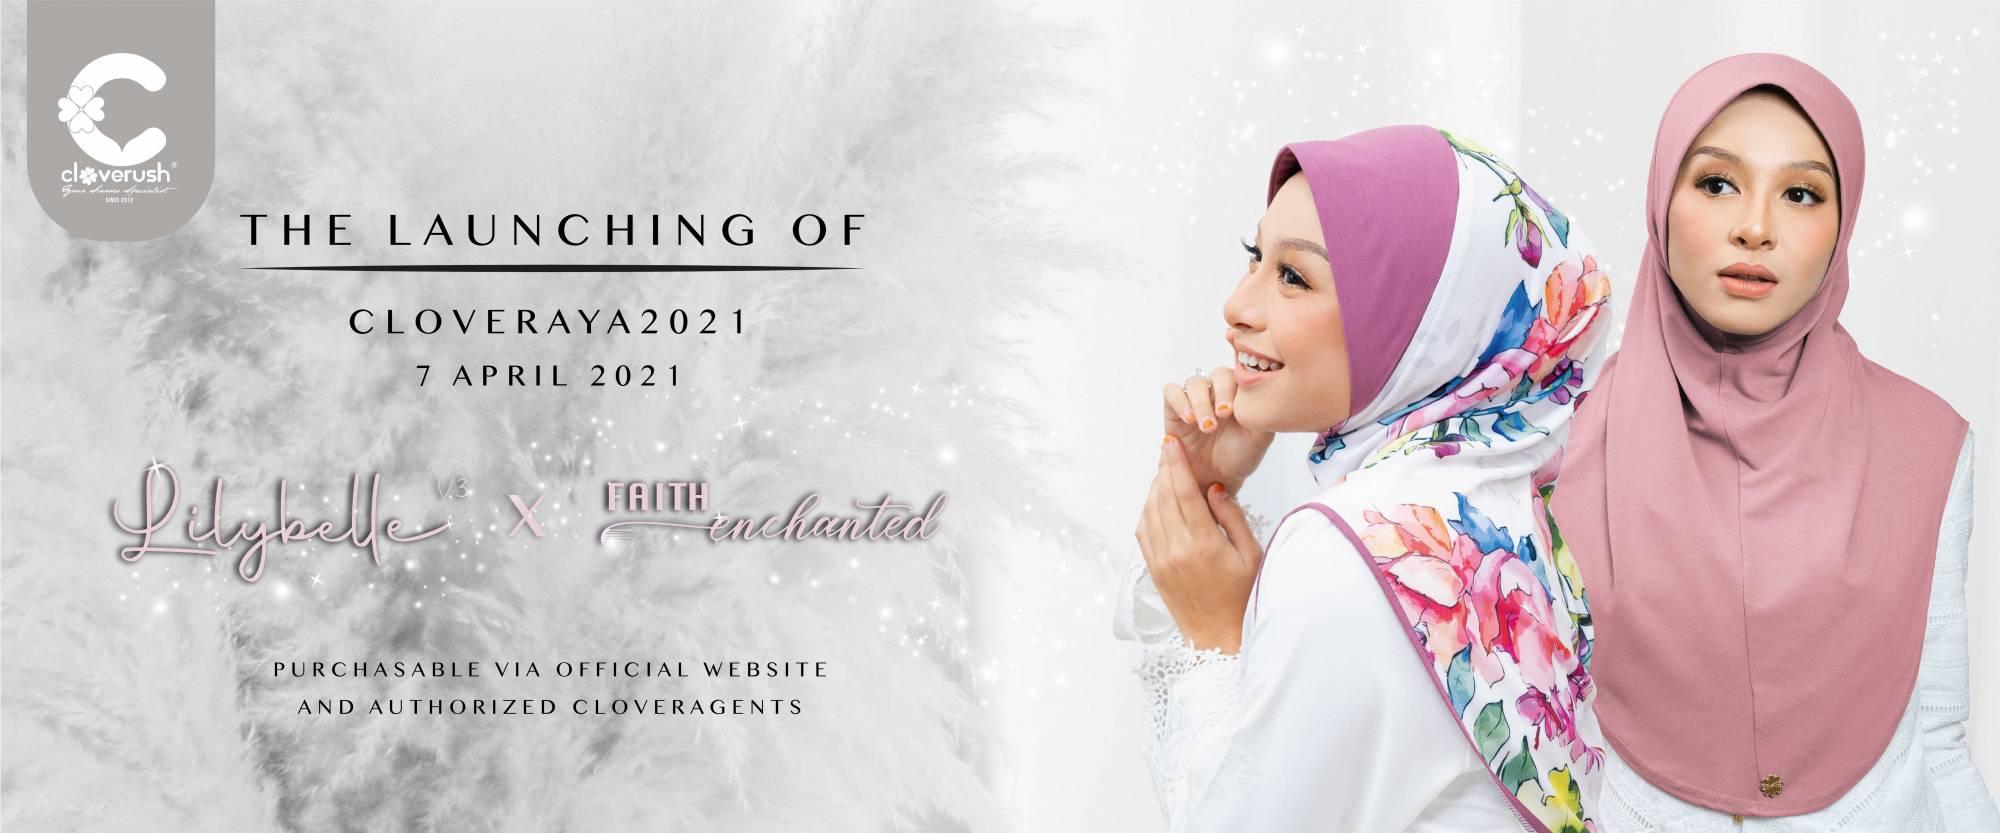 Lilybelle V3 X Faith Enchanted